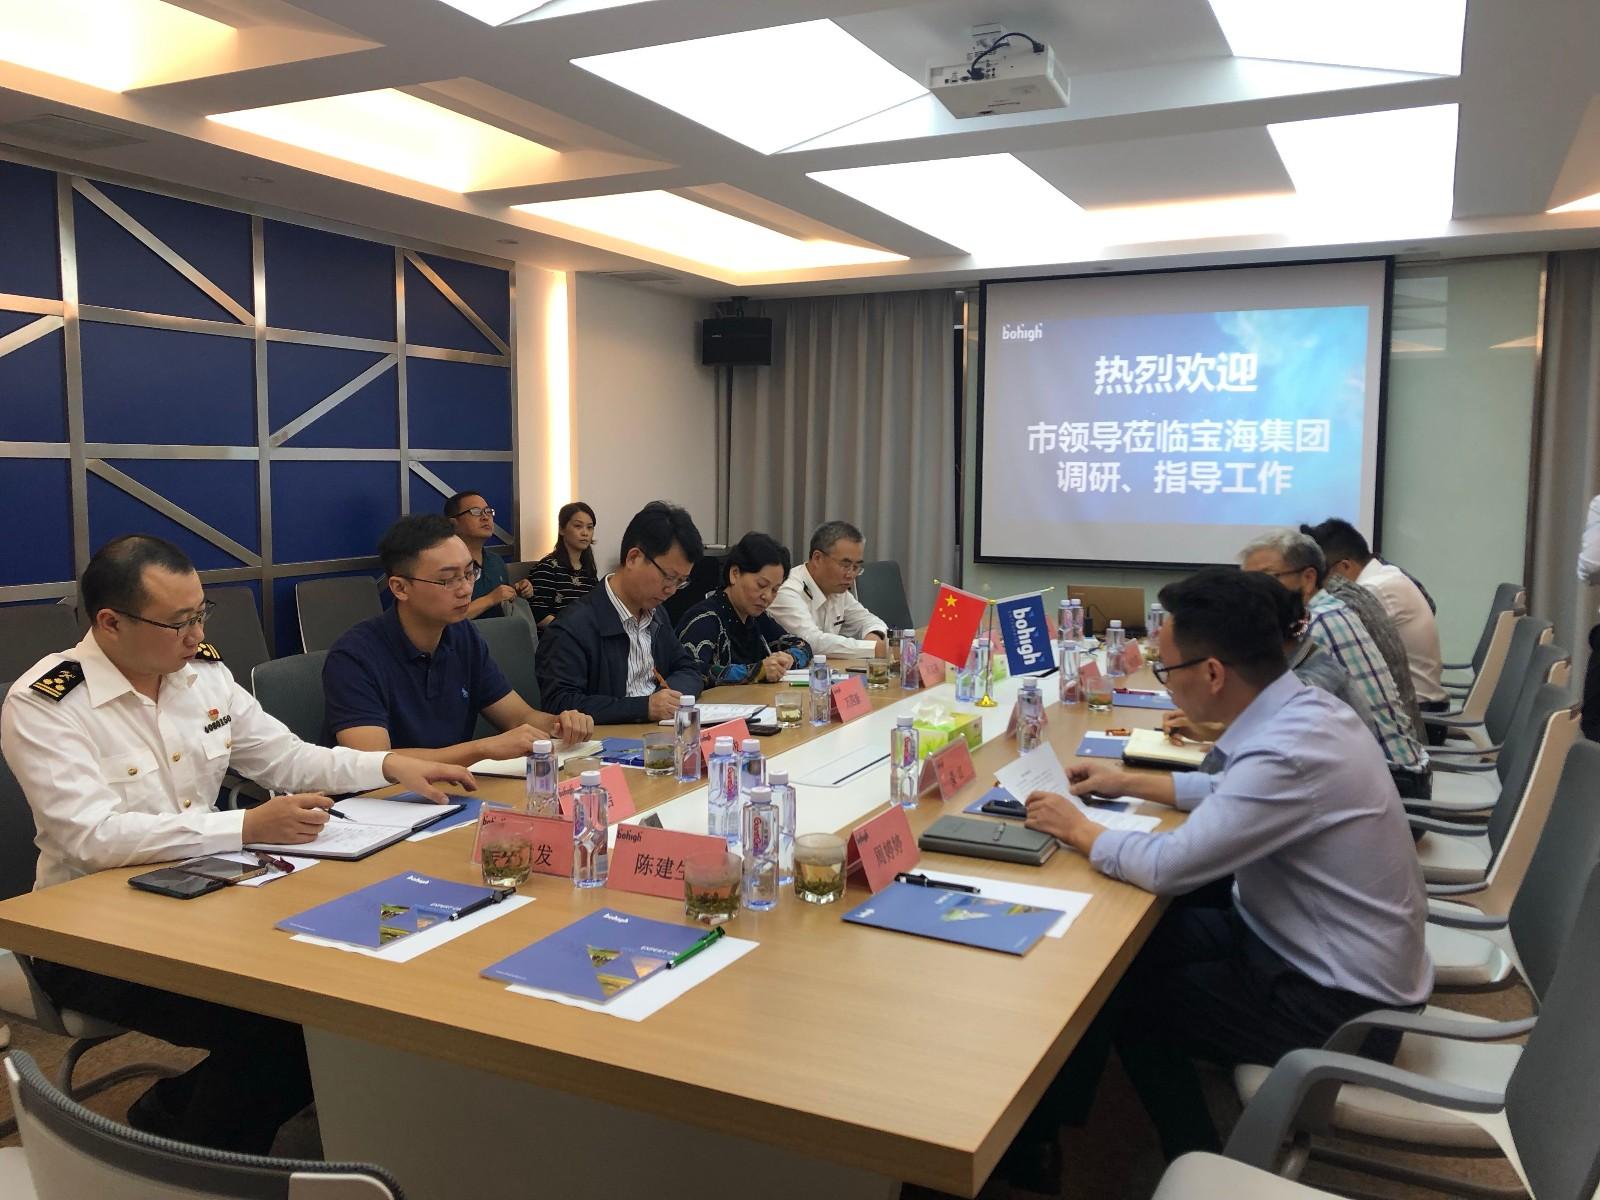 欢迎萍乡市副市长肖双燕等政府领导亲临宝海集团调研指导工作